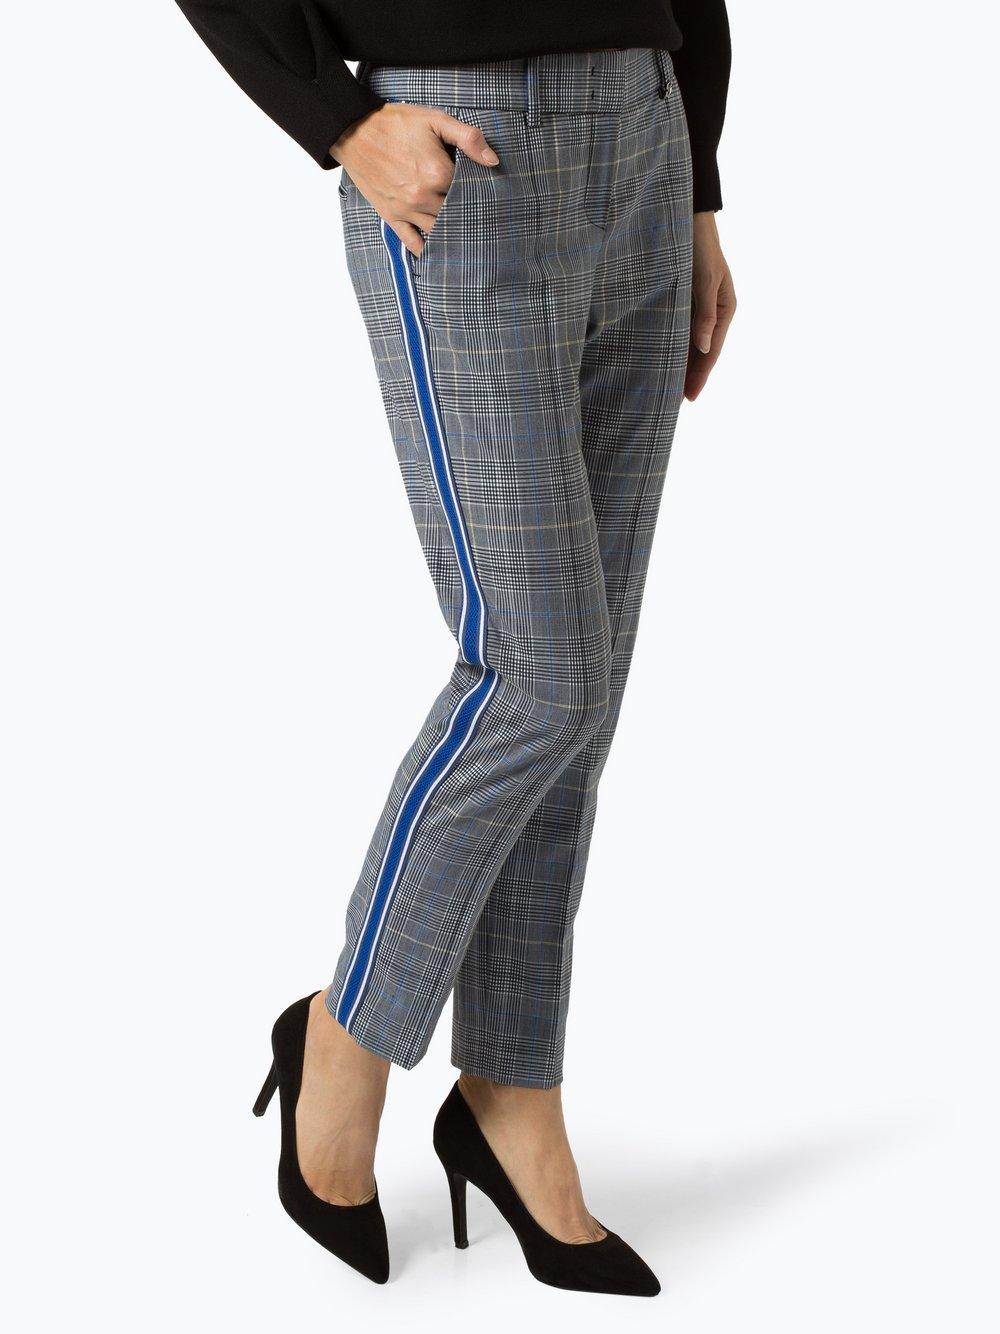 RAFFAELLO ROSSI – Spodnie damskie – Dora Stripe, niebieski Van Graaf 419244-0001-00380